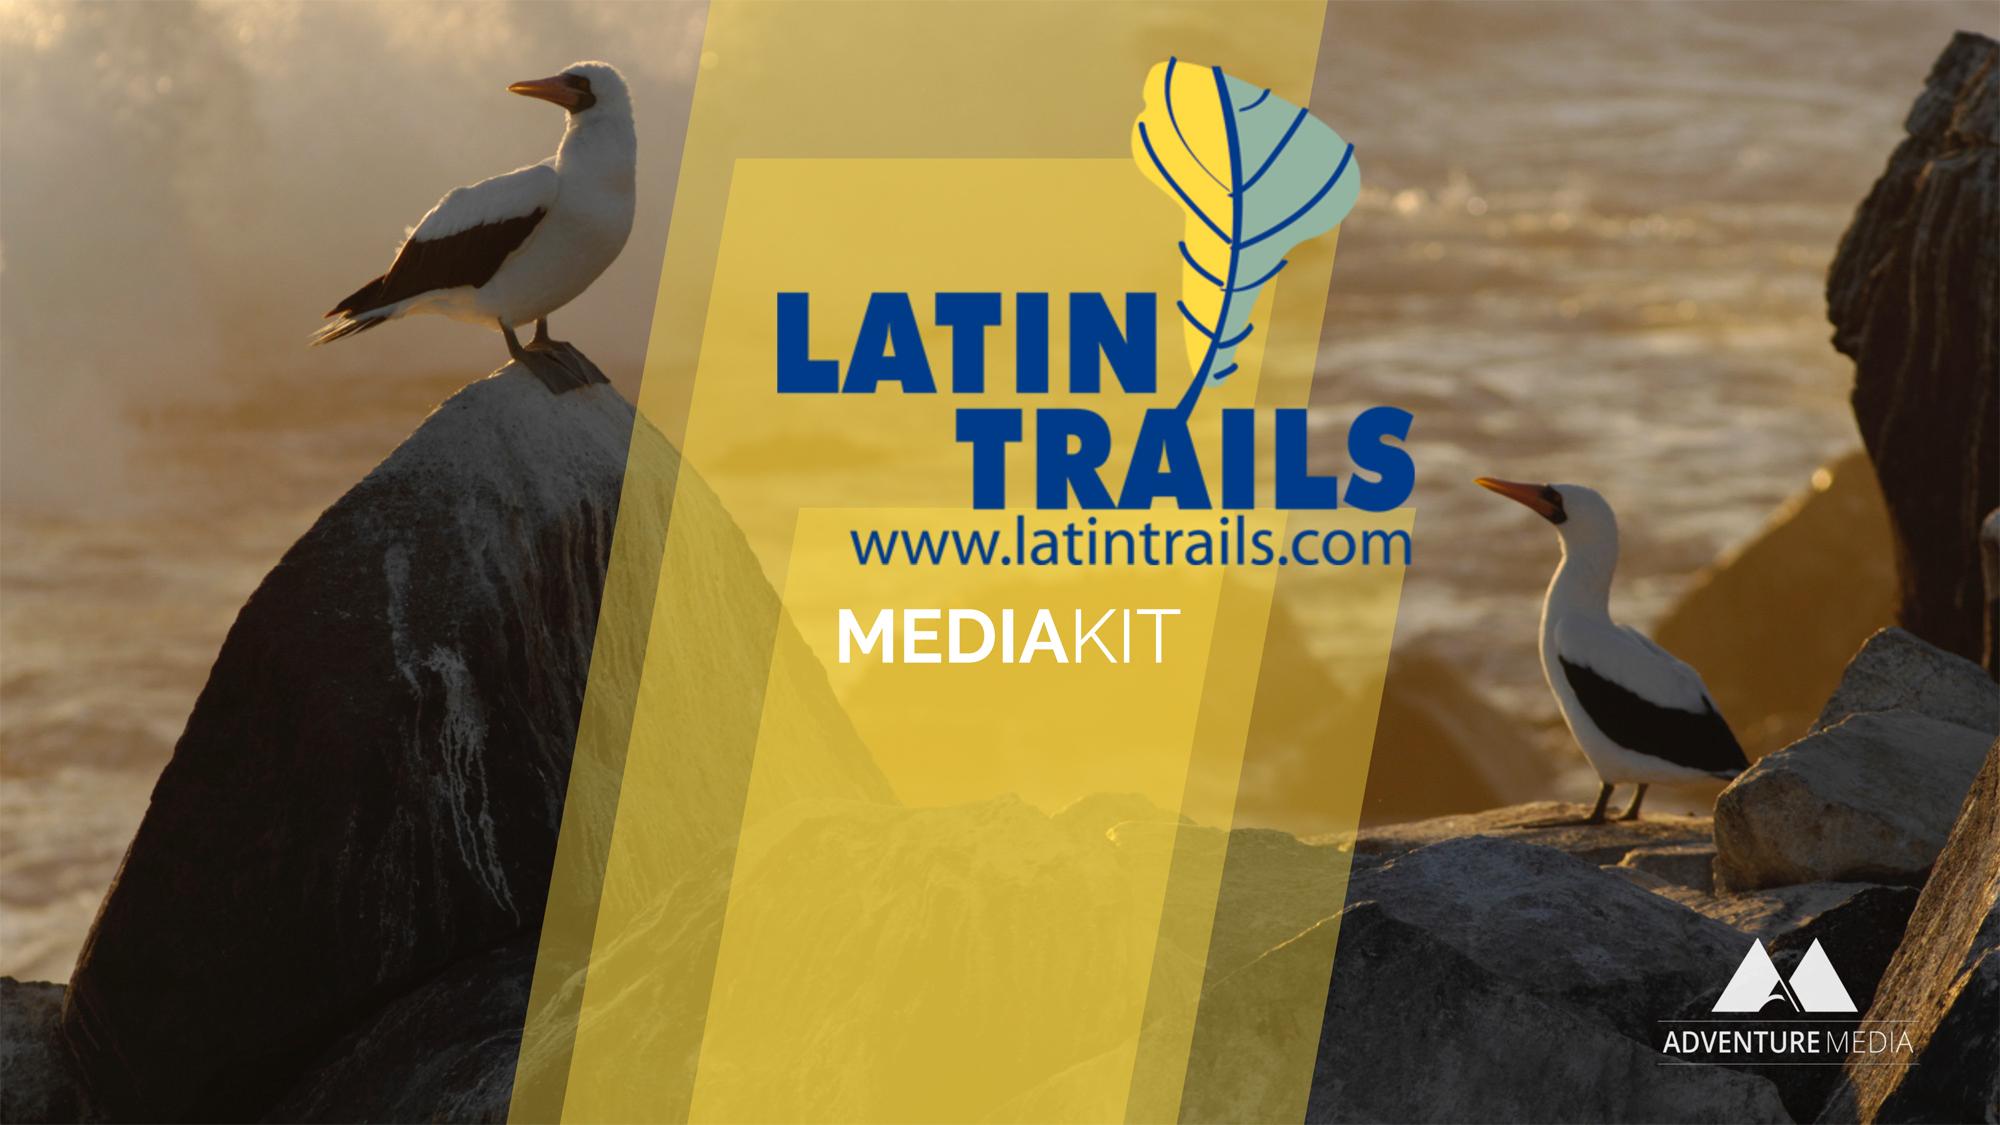 Latin Trails | Adventure Media